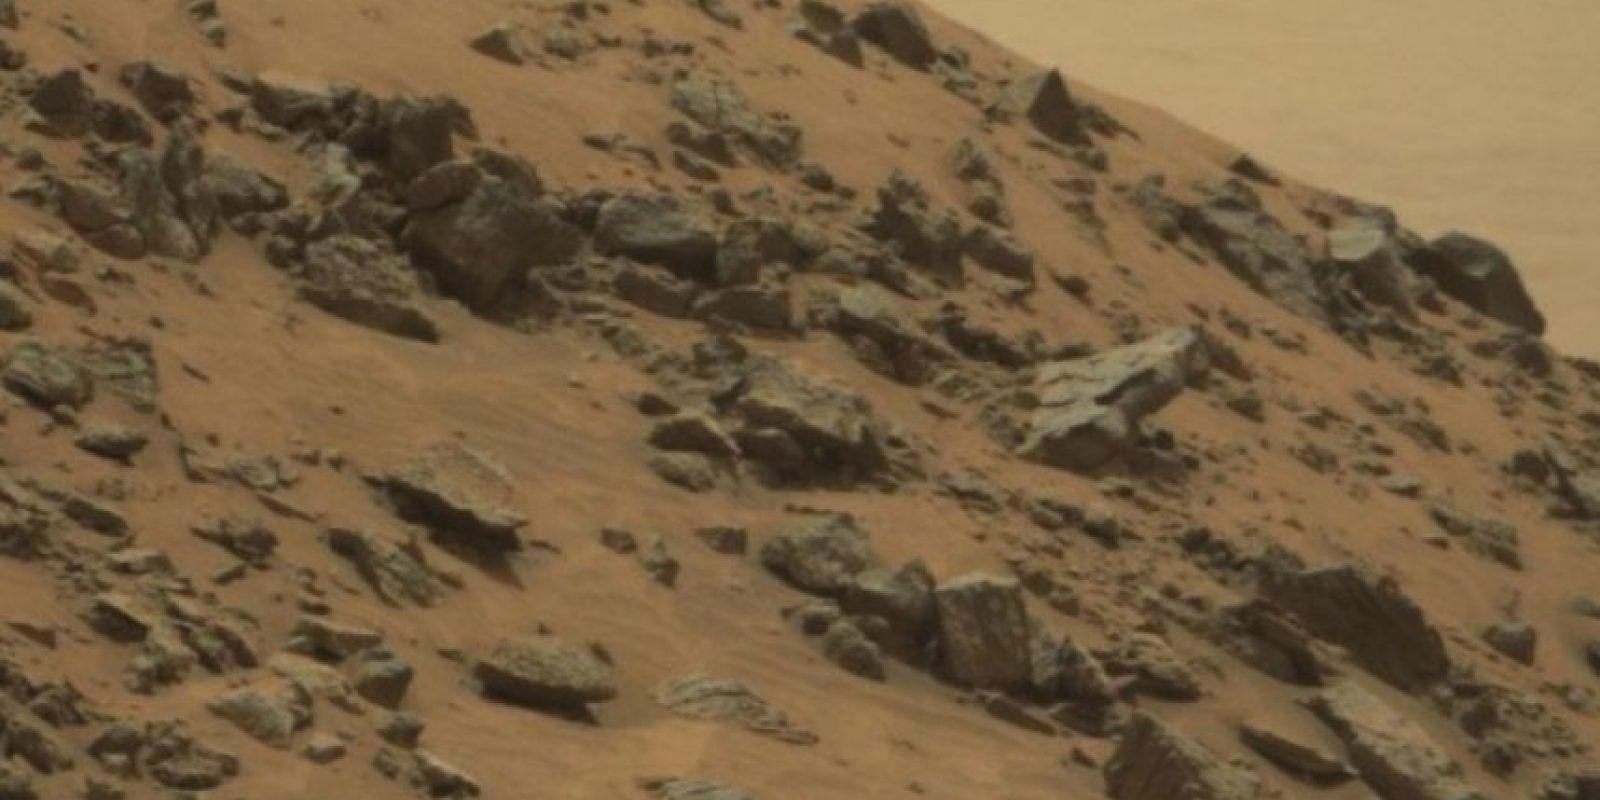 Fue descubierta en junio de 2015. Foto:NASA – Foto original en http://mars.nasa.gov/msl/multimedia/raw/?rawid=0978MR0043250040502821E01_DXXX&s=978